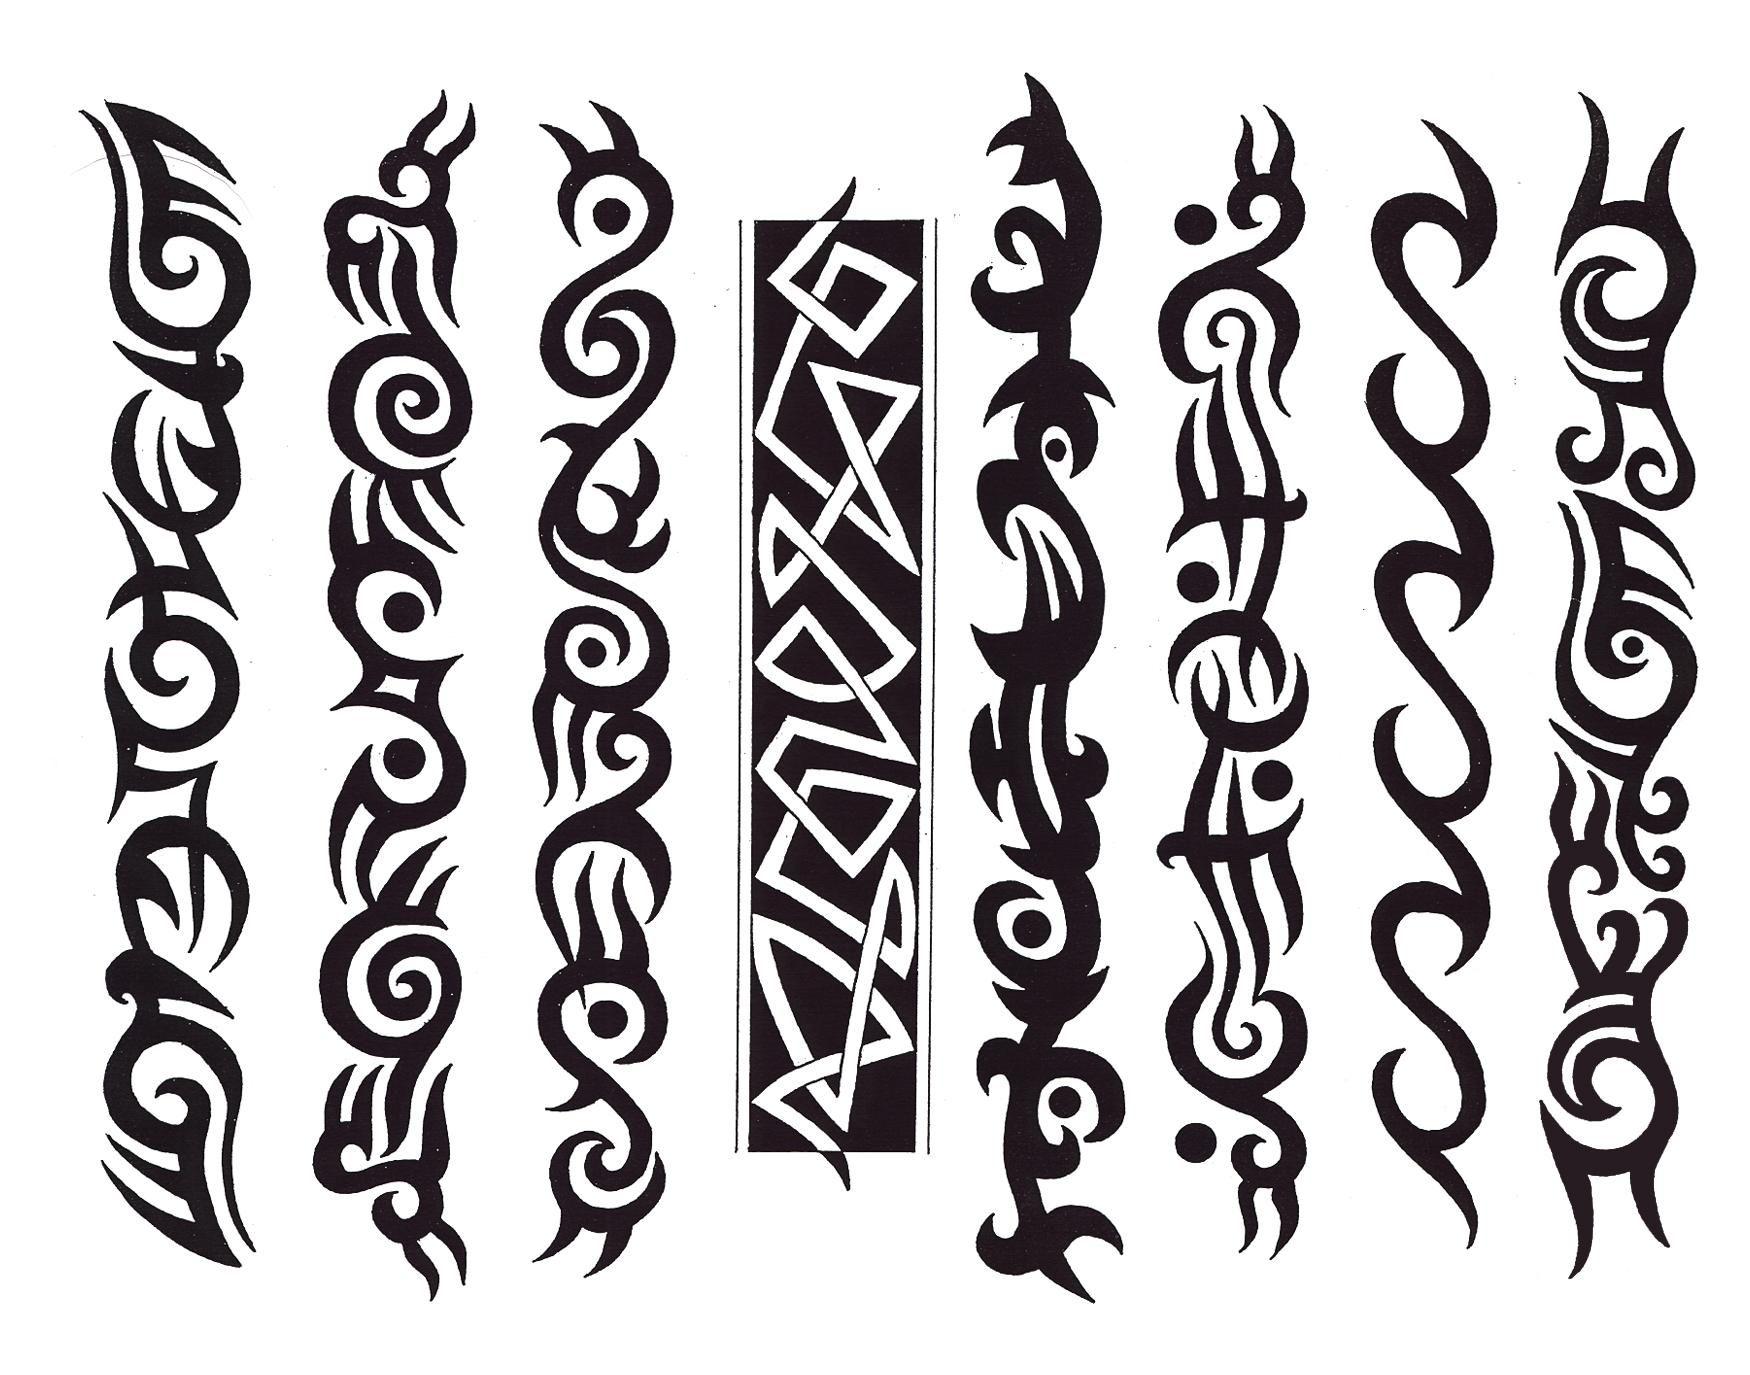 Tribal tribal tattoo designs latest tattoo designs ideas